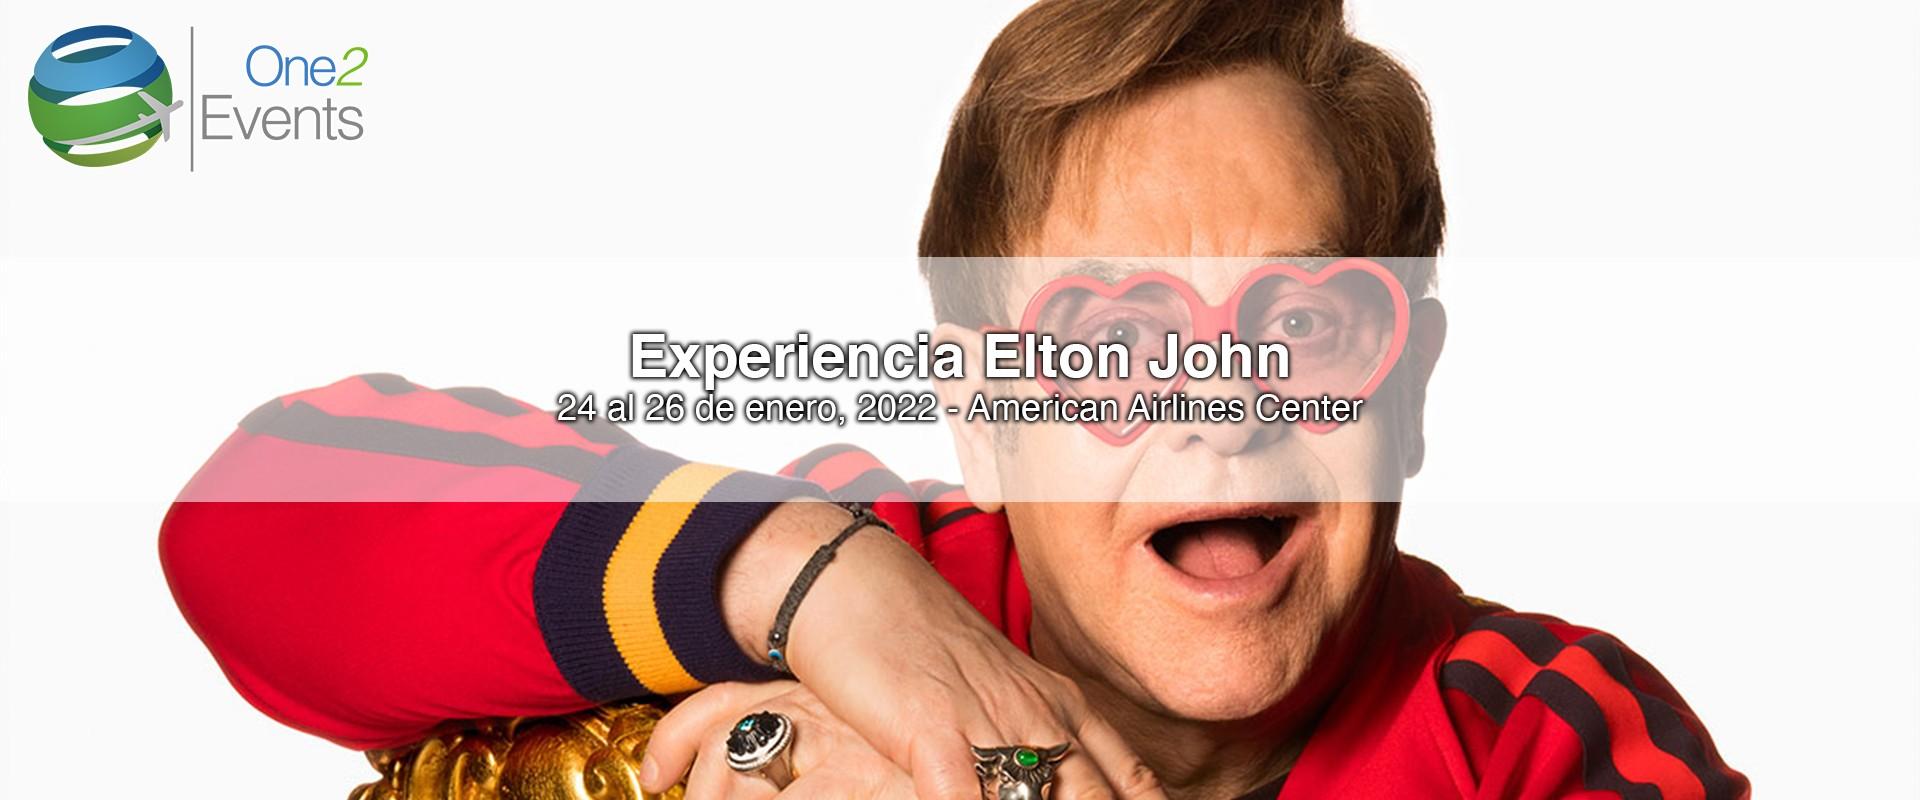 Concierto Elton John en American Airlines, Dallas